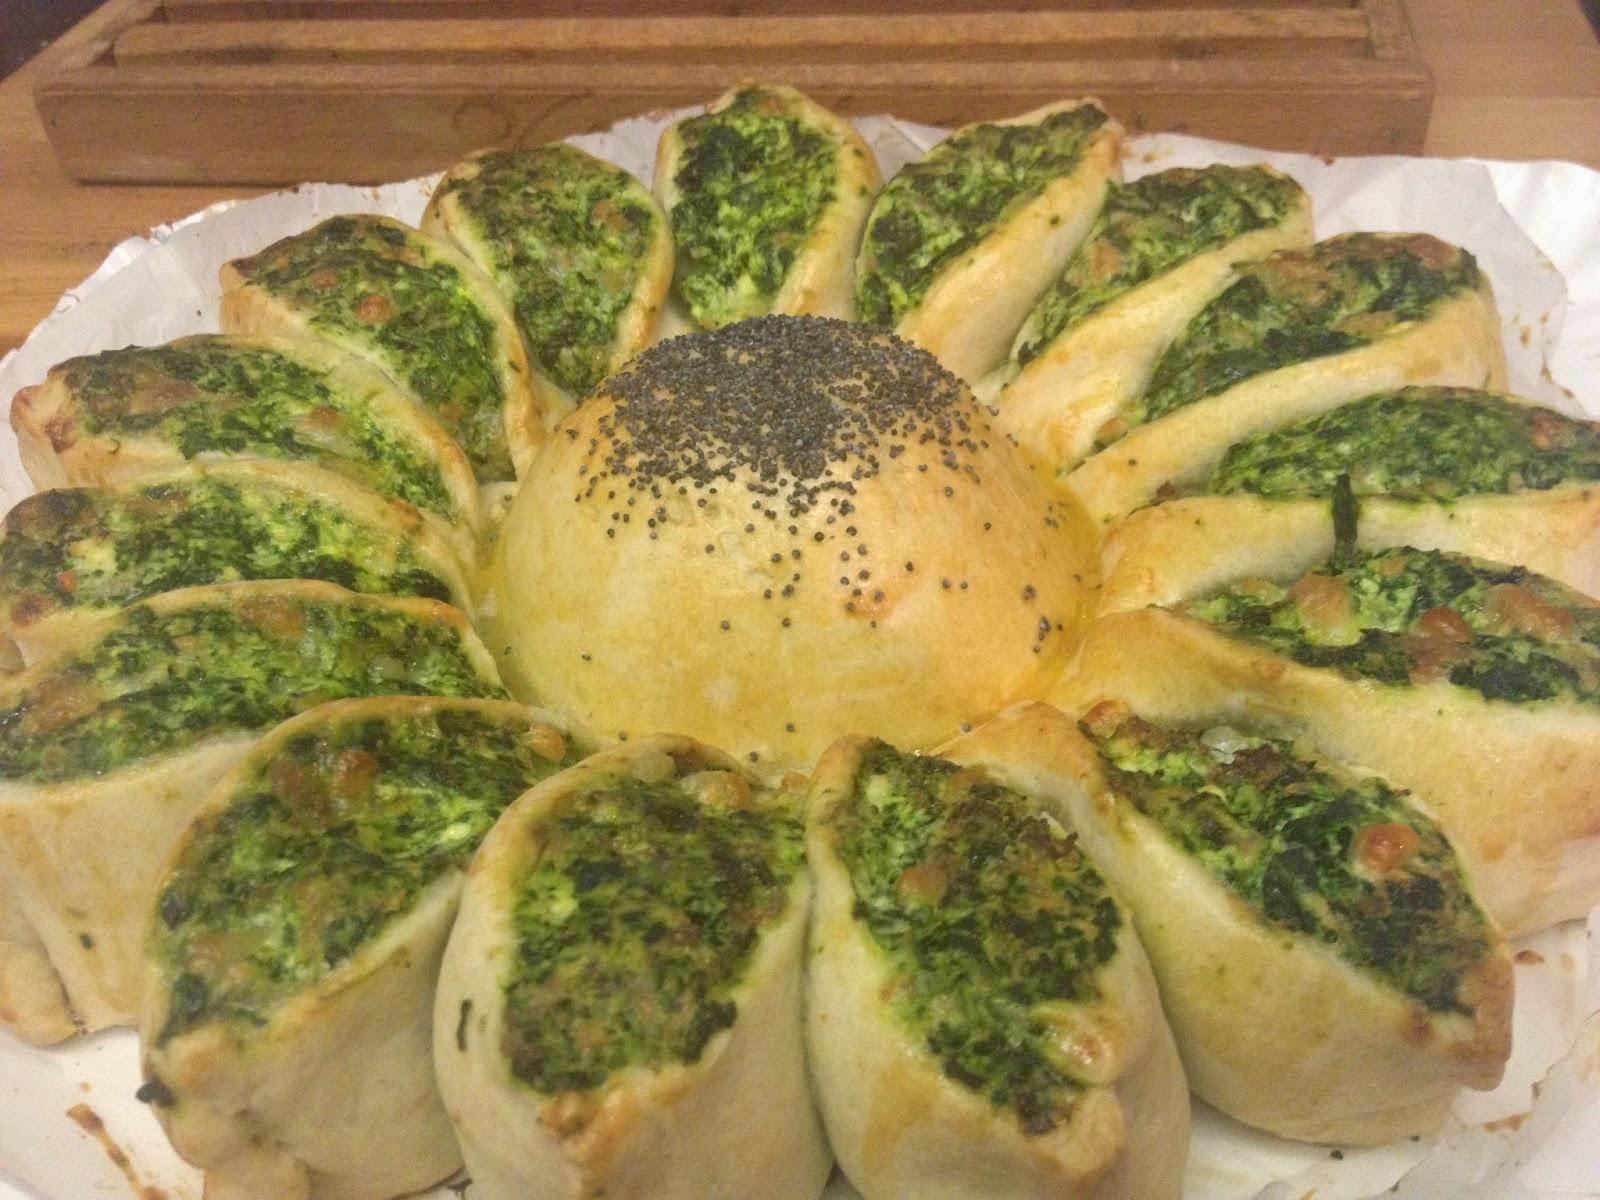 Ricetta pasta brise con olio di semi  Ricette popolari sito culinario